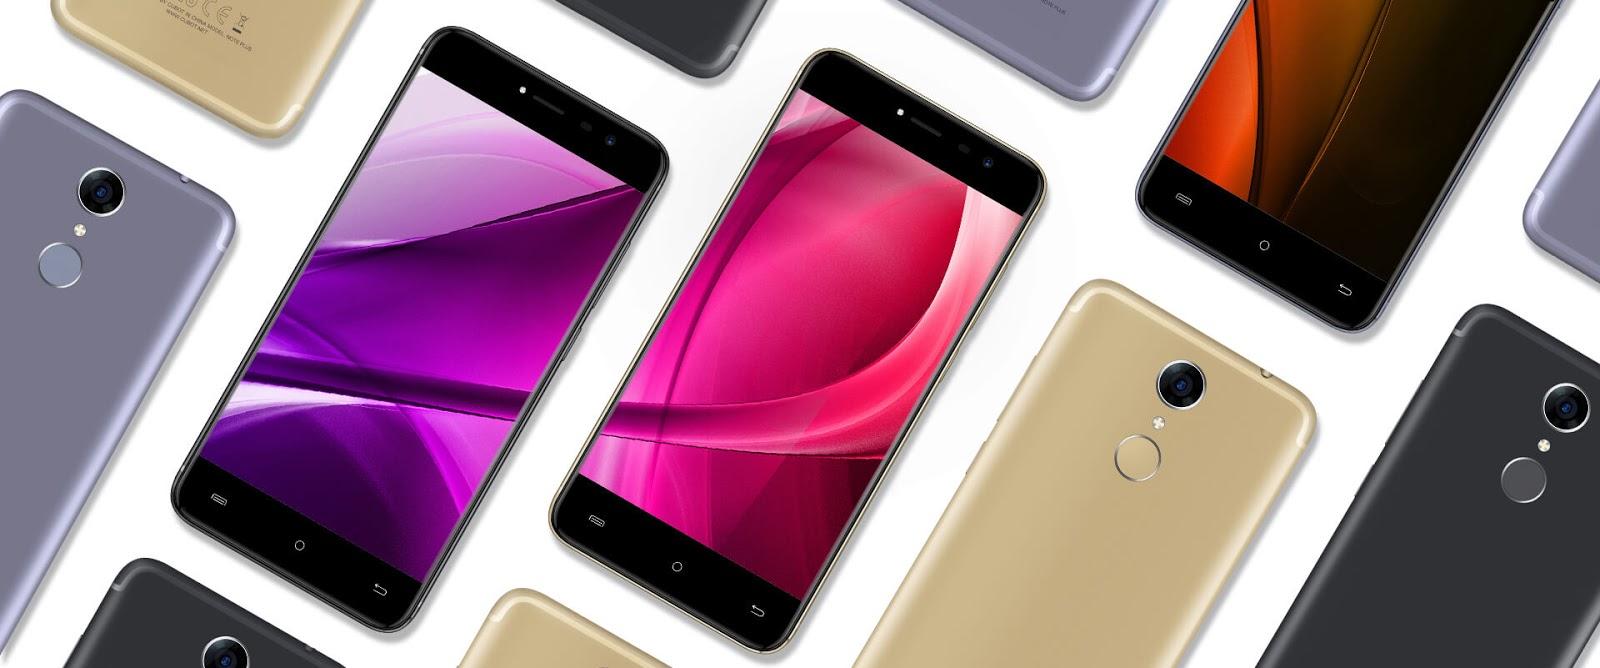 Топ-5 бюджетных смартфонов 2019 года - бюджетные смартфоны